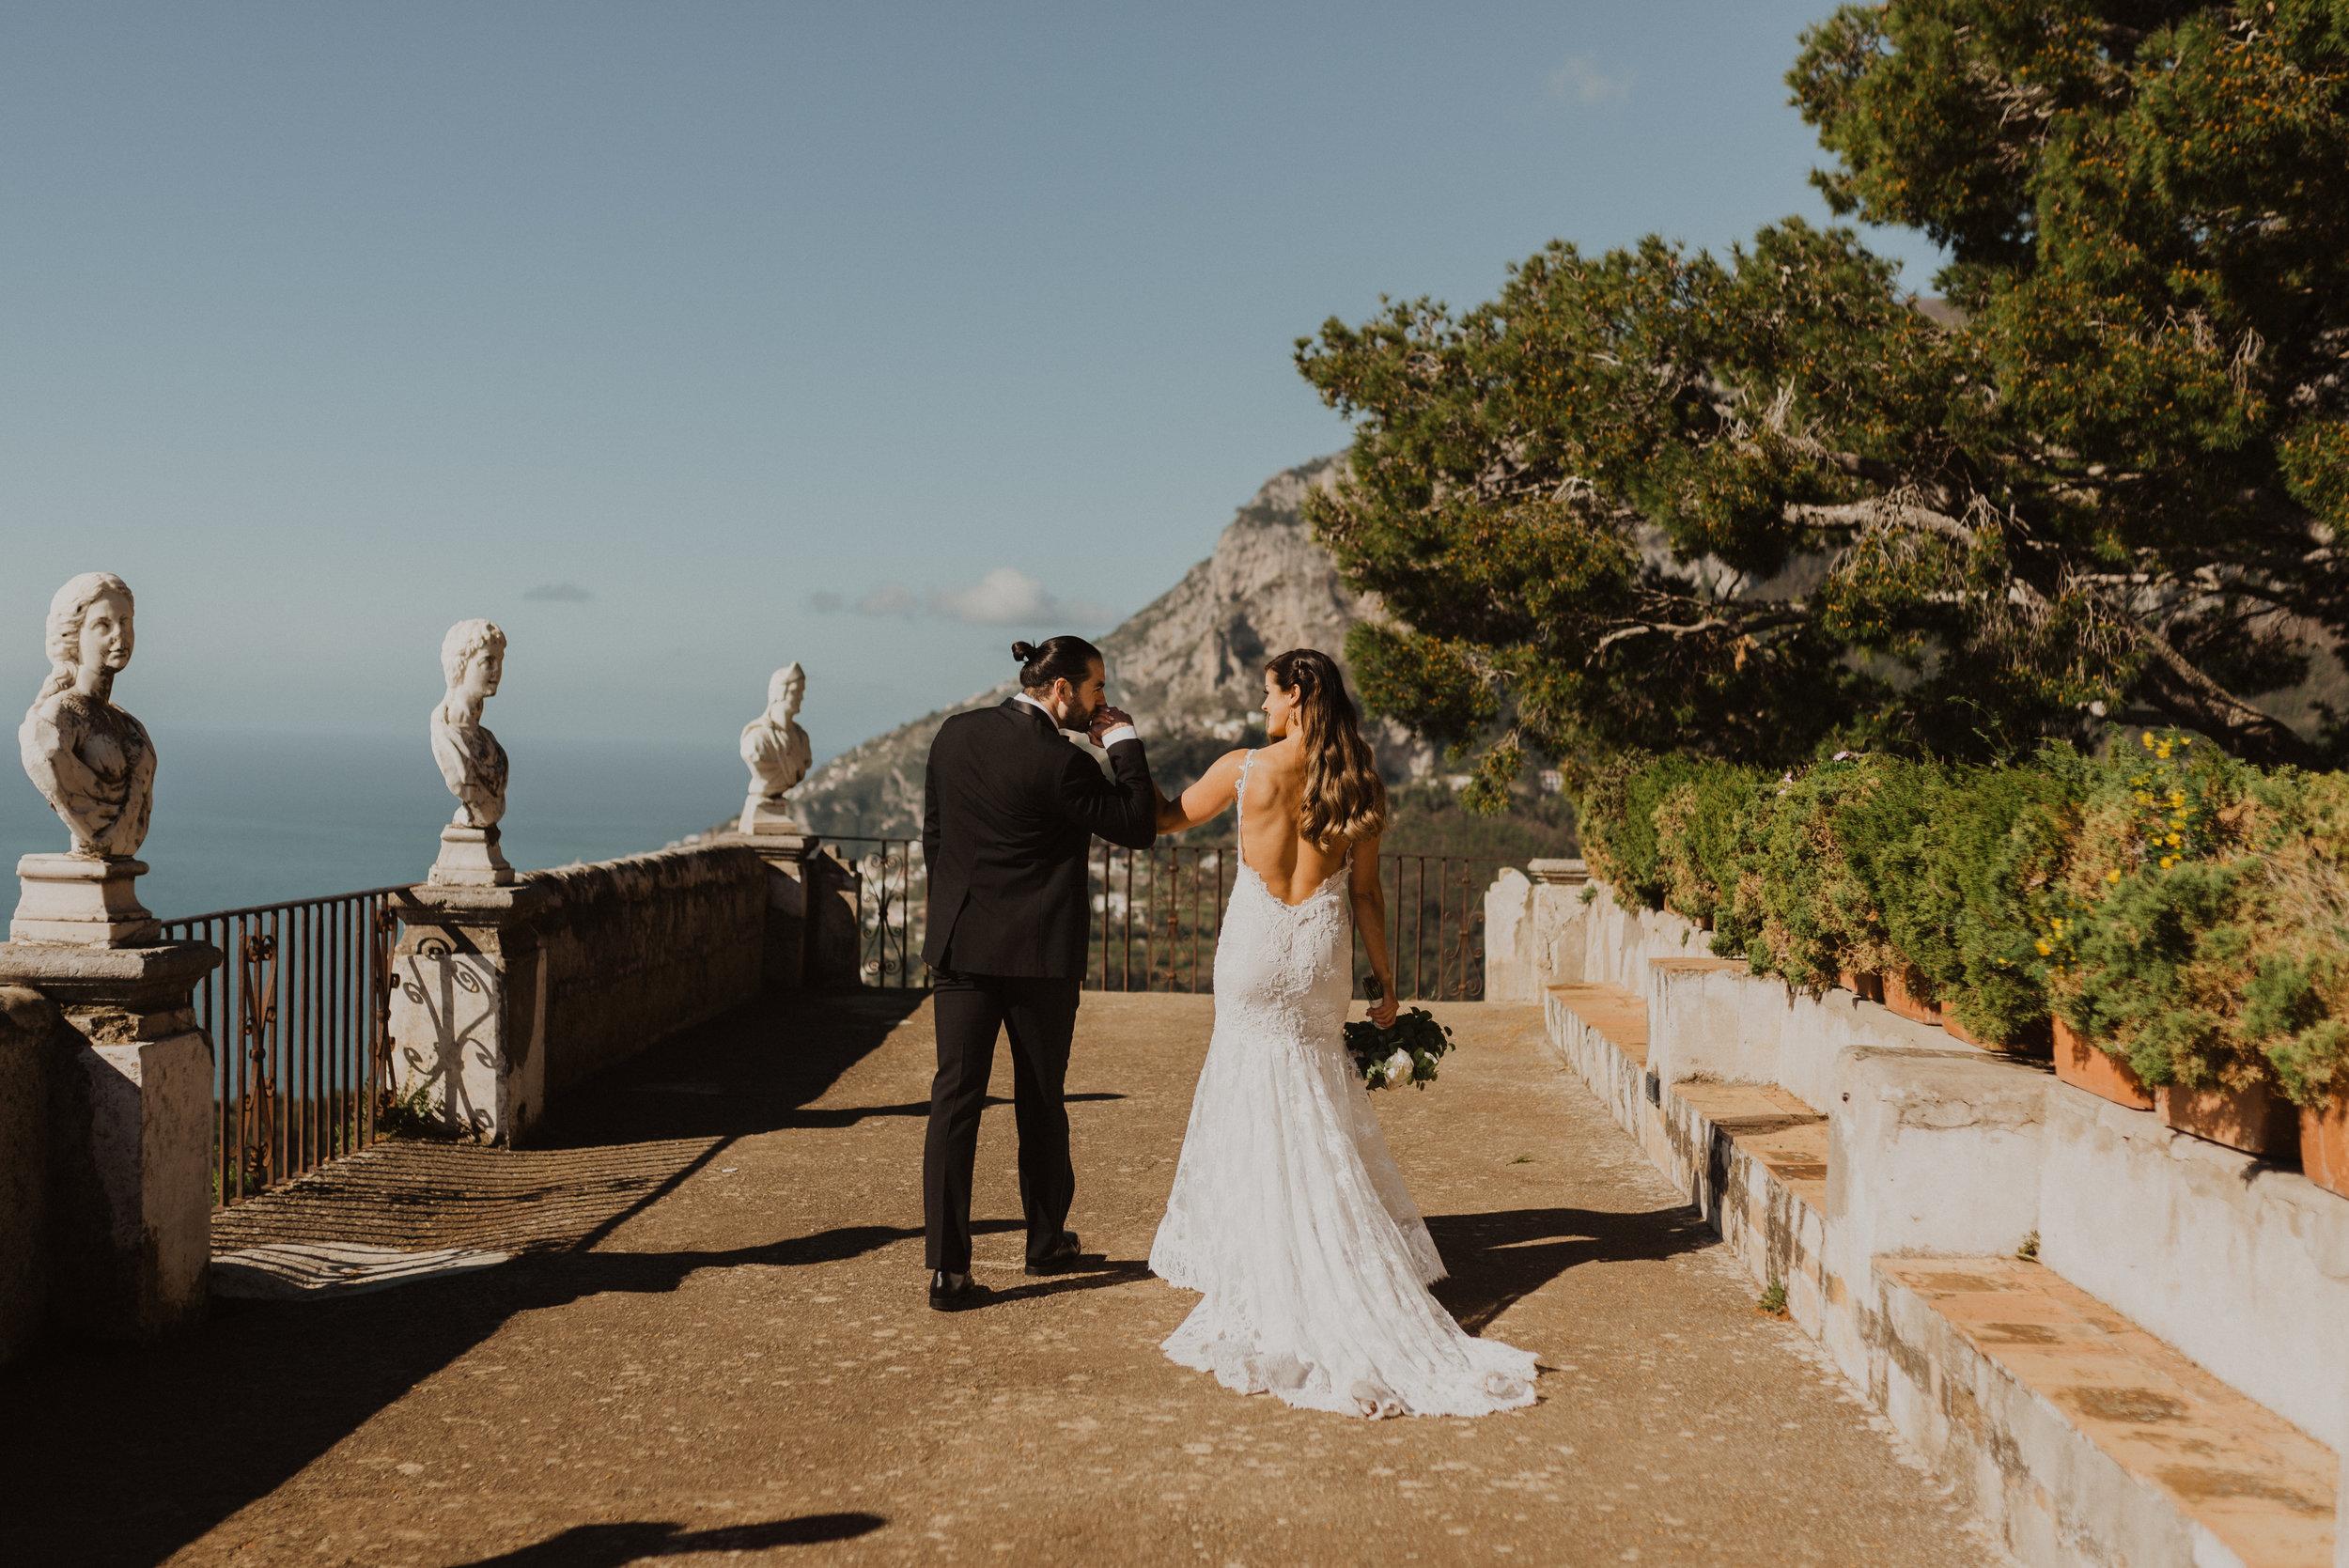 nate+chelsey-ravello-italy-elopement-12.jpg